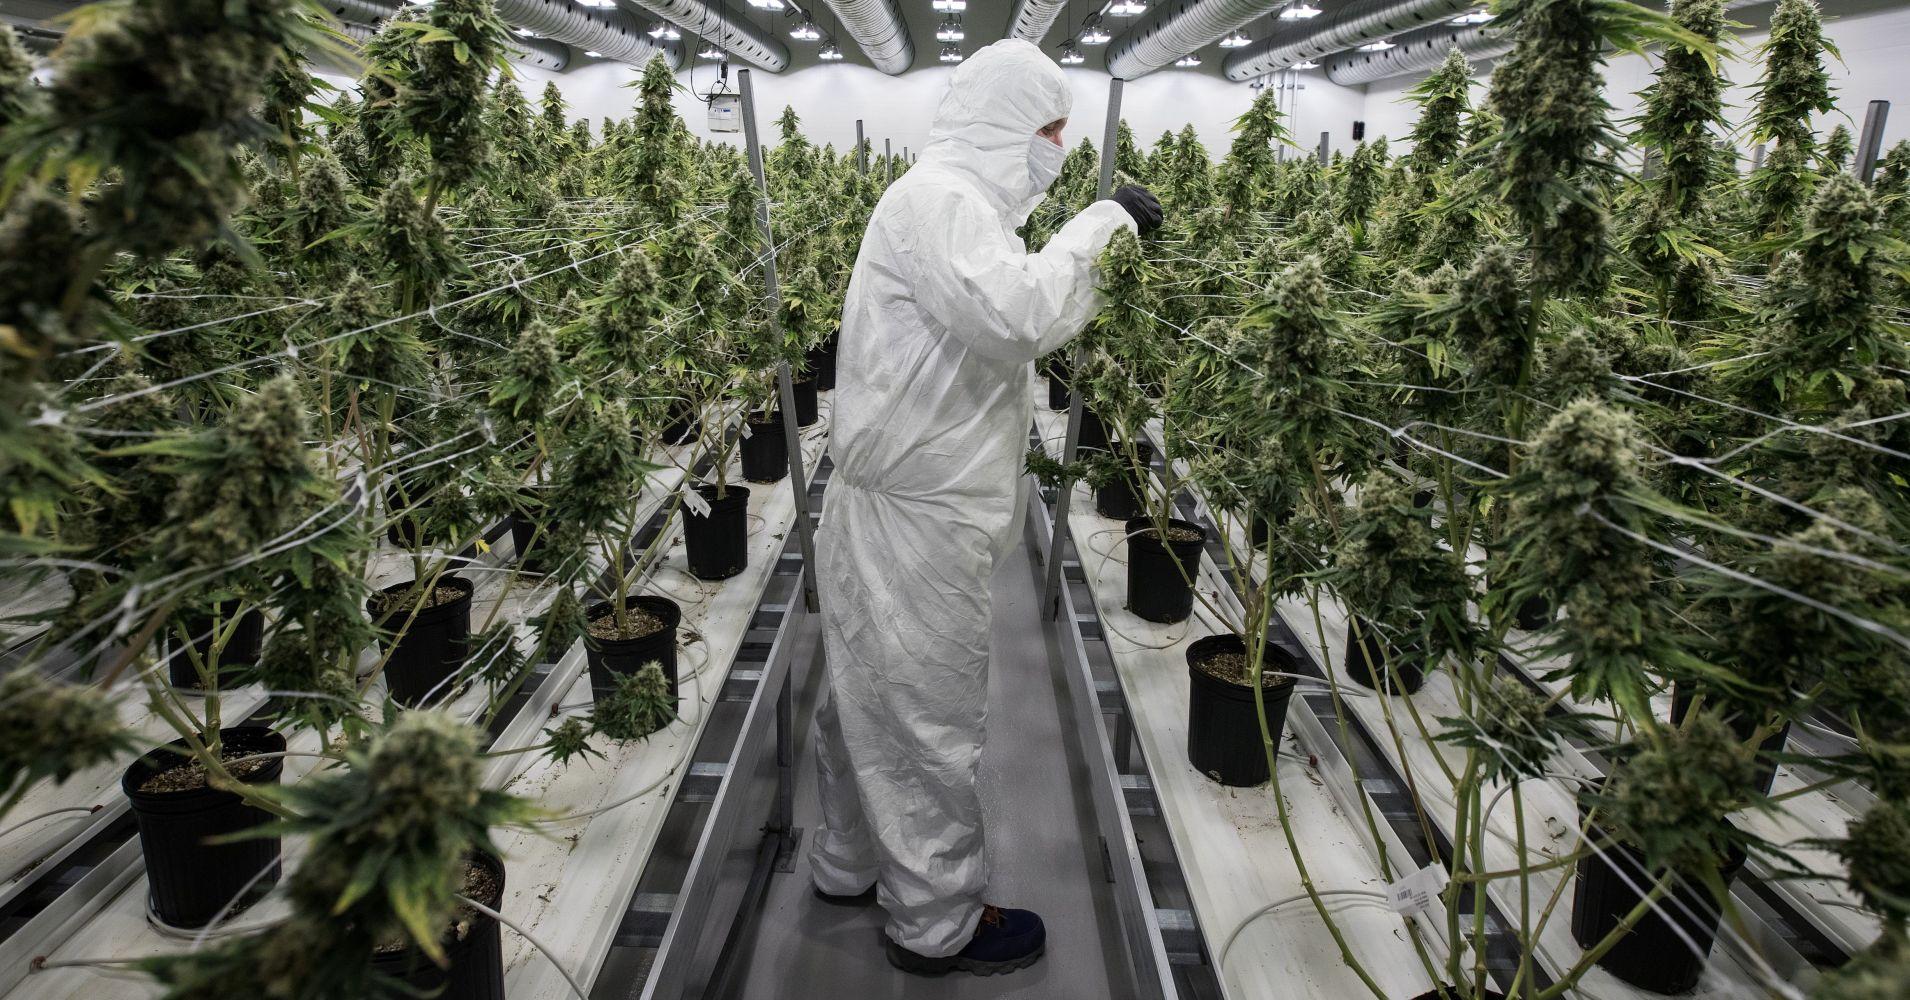 Правила выращивания марихуаны как правильно выращивать коноплю книга